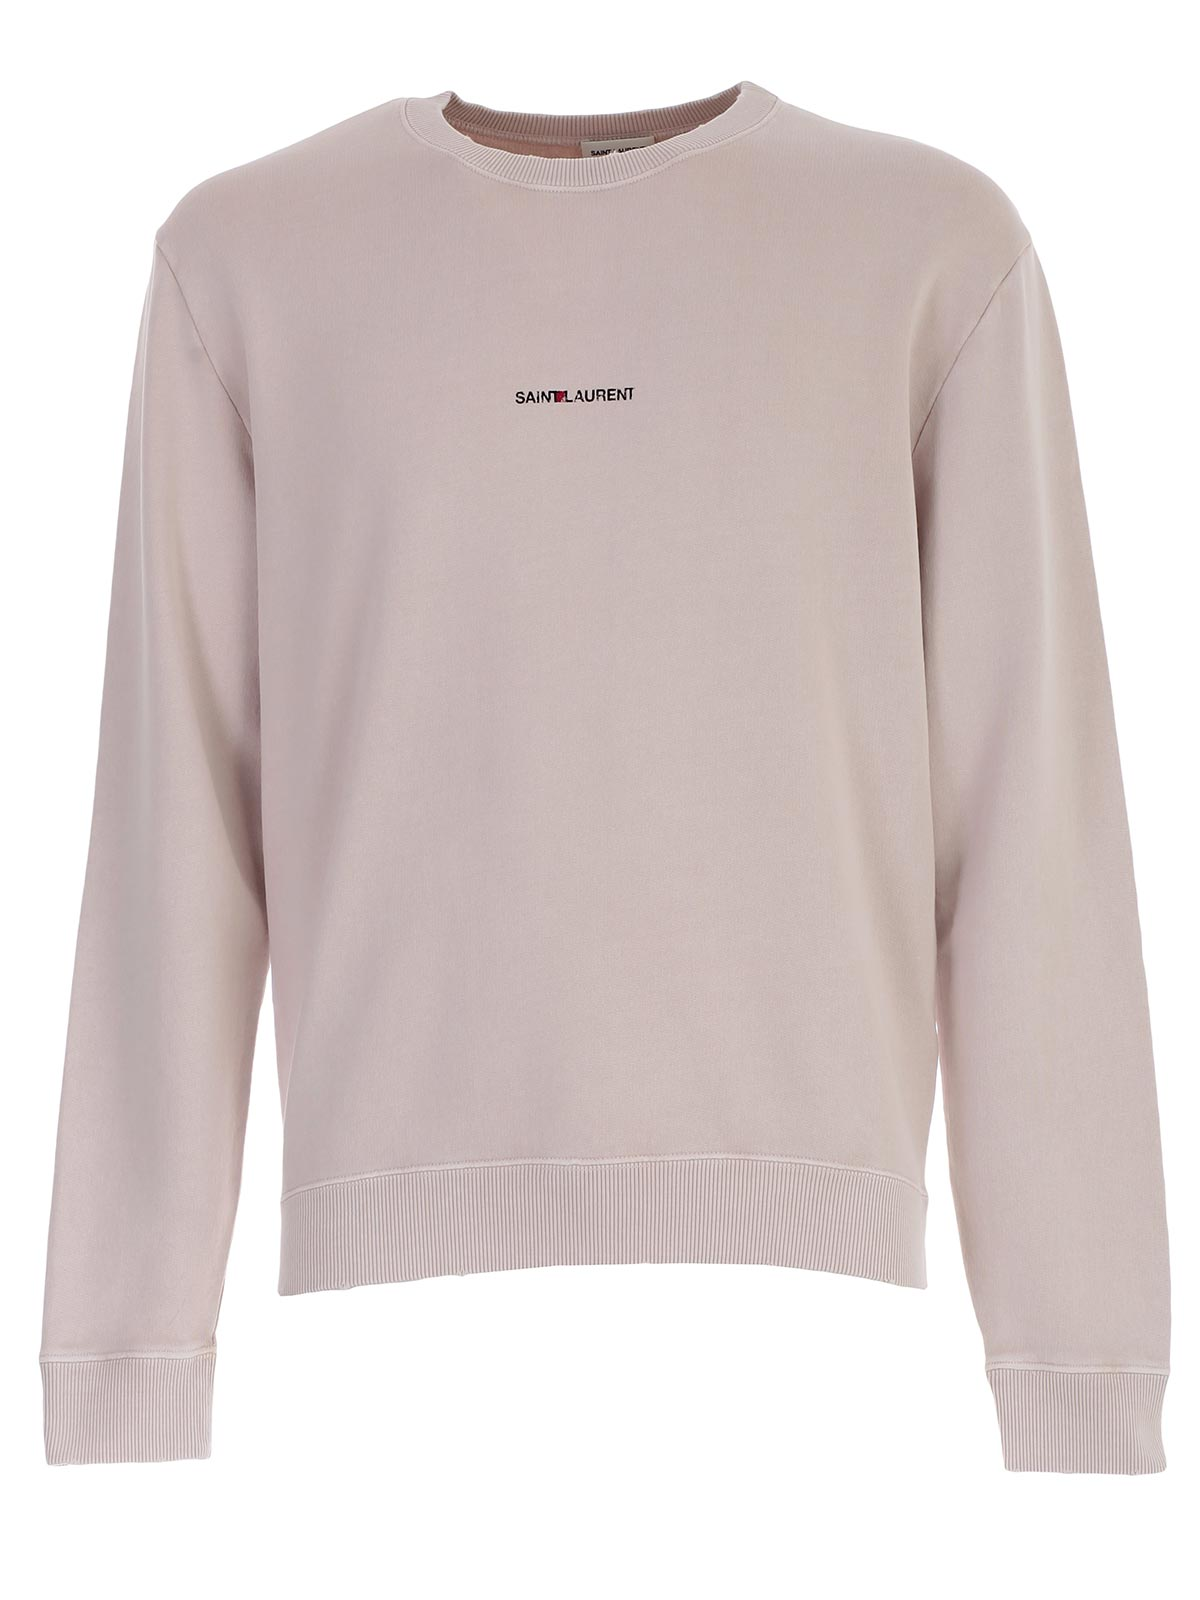 Picture of SAINT LAURENT SweatShirt